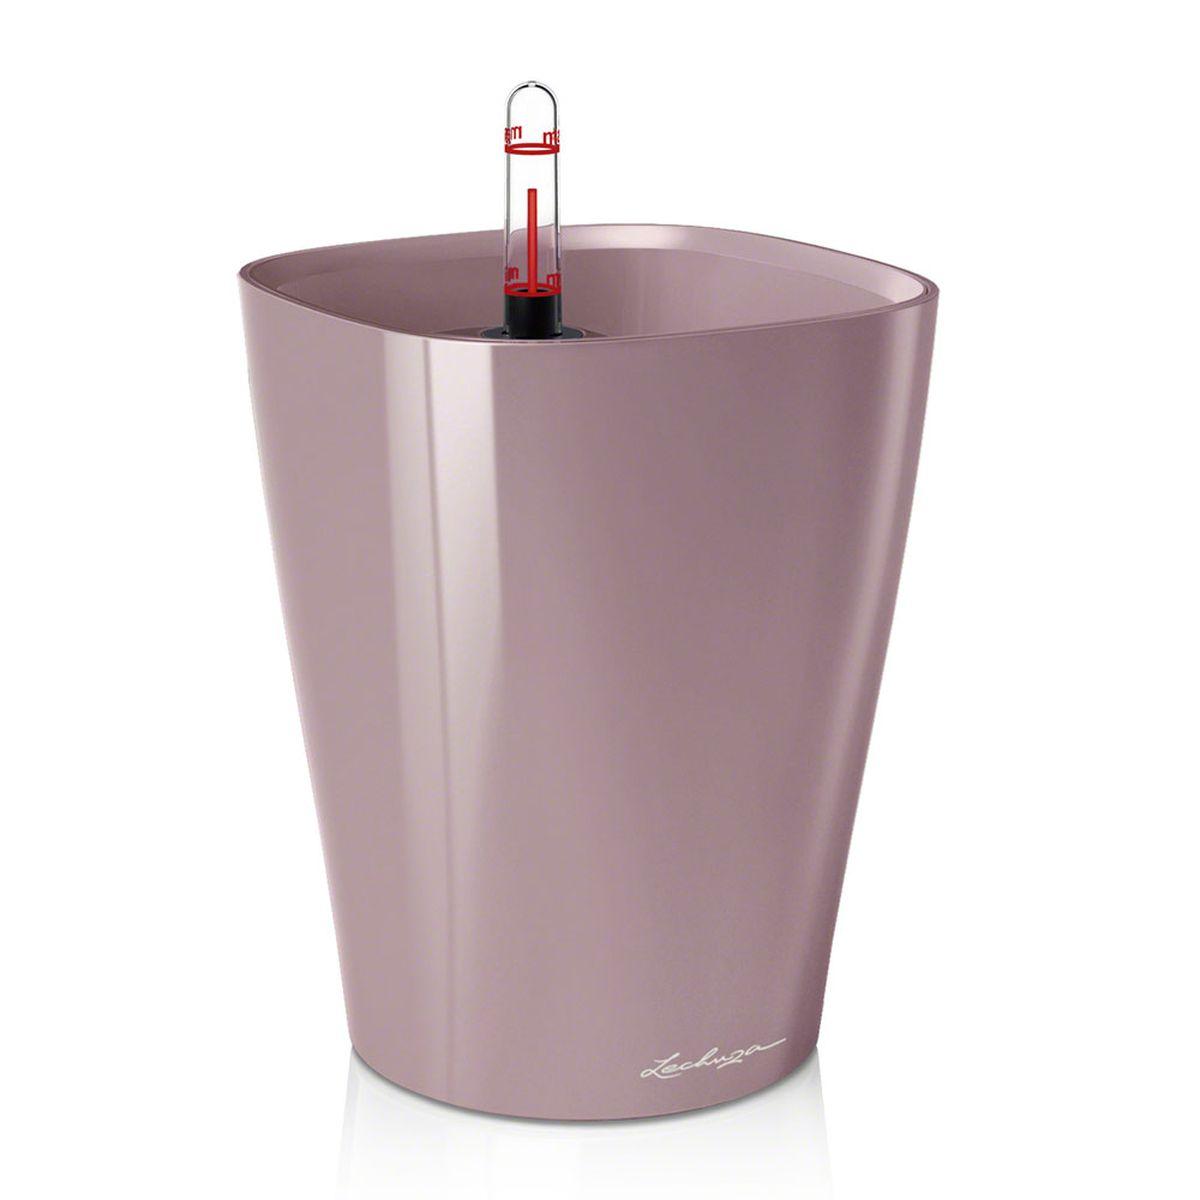 """Кашпо Lechuza """"Deltini"""", с системой автополива, цвет: фиолетово-пастельный, 14 х 14 х 18 см 14921"""